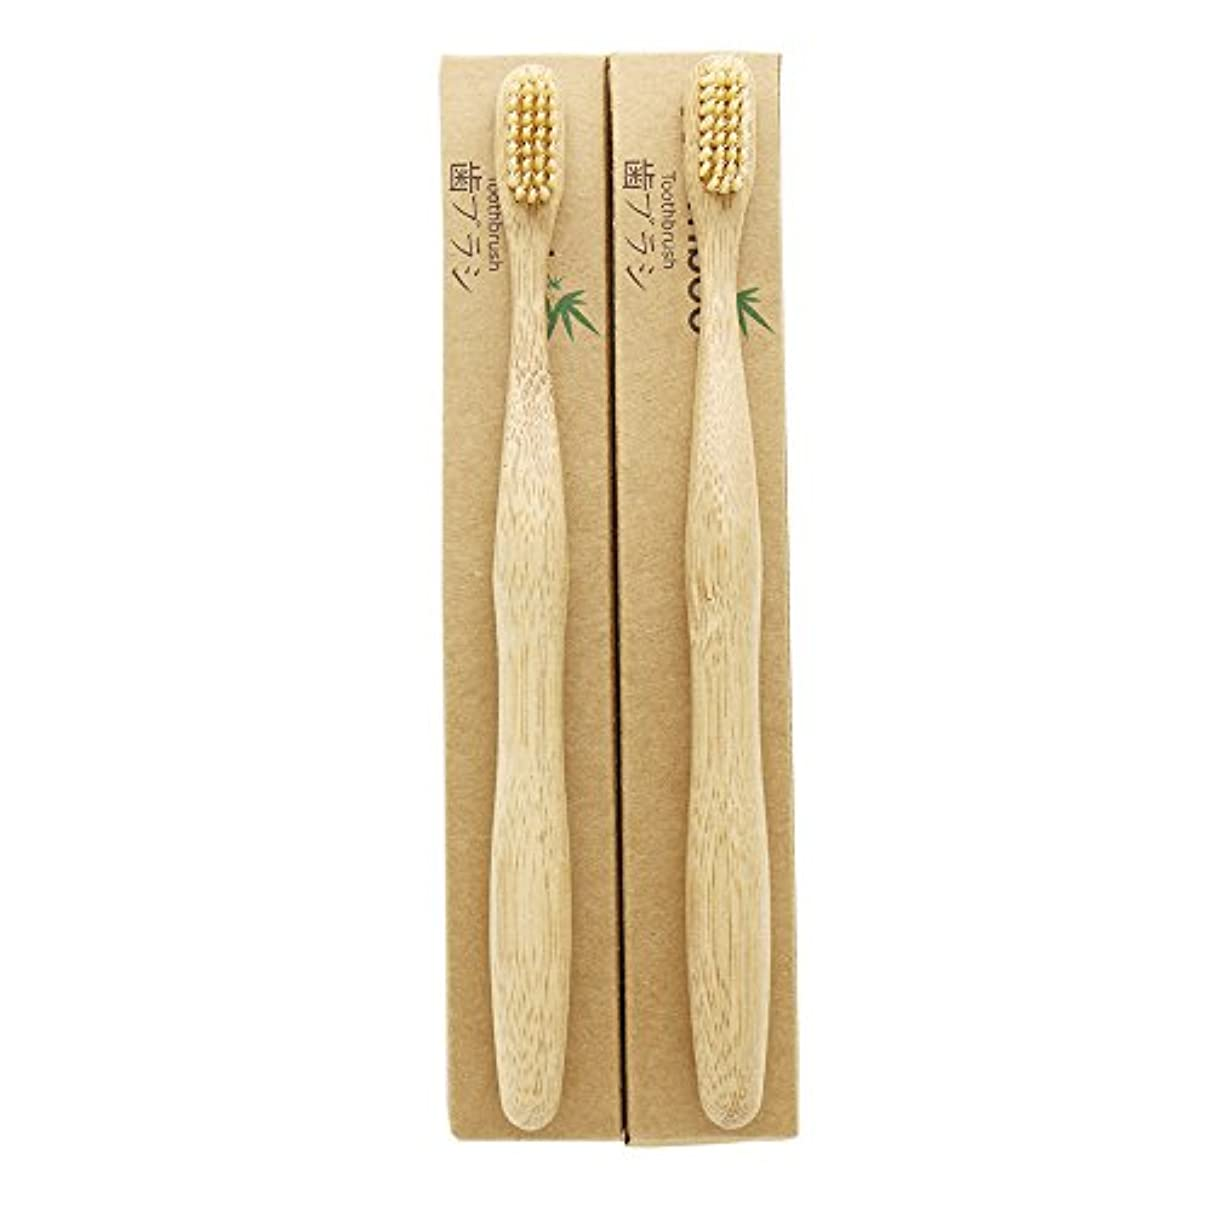 知覚する阻害するポータブルN-amboo 竹製耐久度高い 歯ブラシ ハンドル大きい 2本入りセット ベージュ